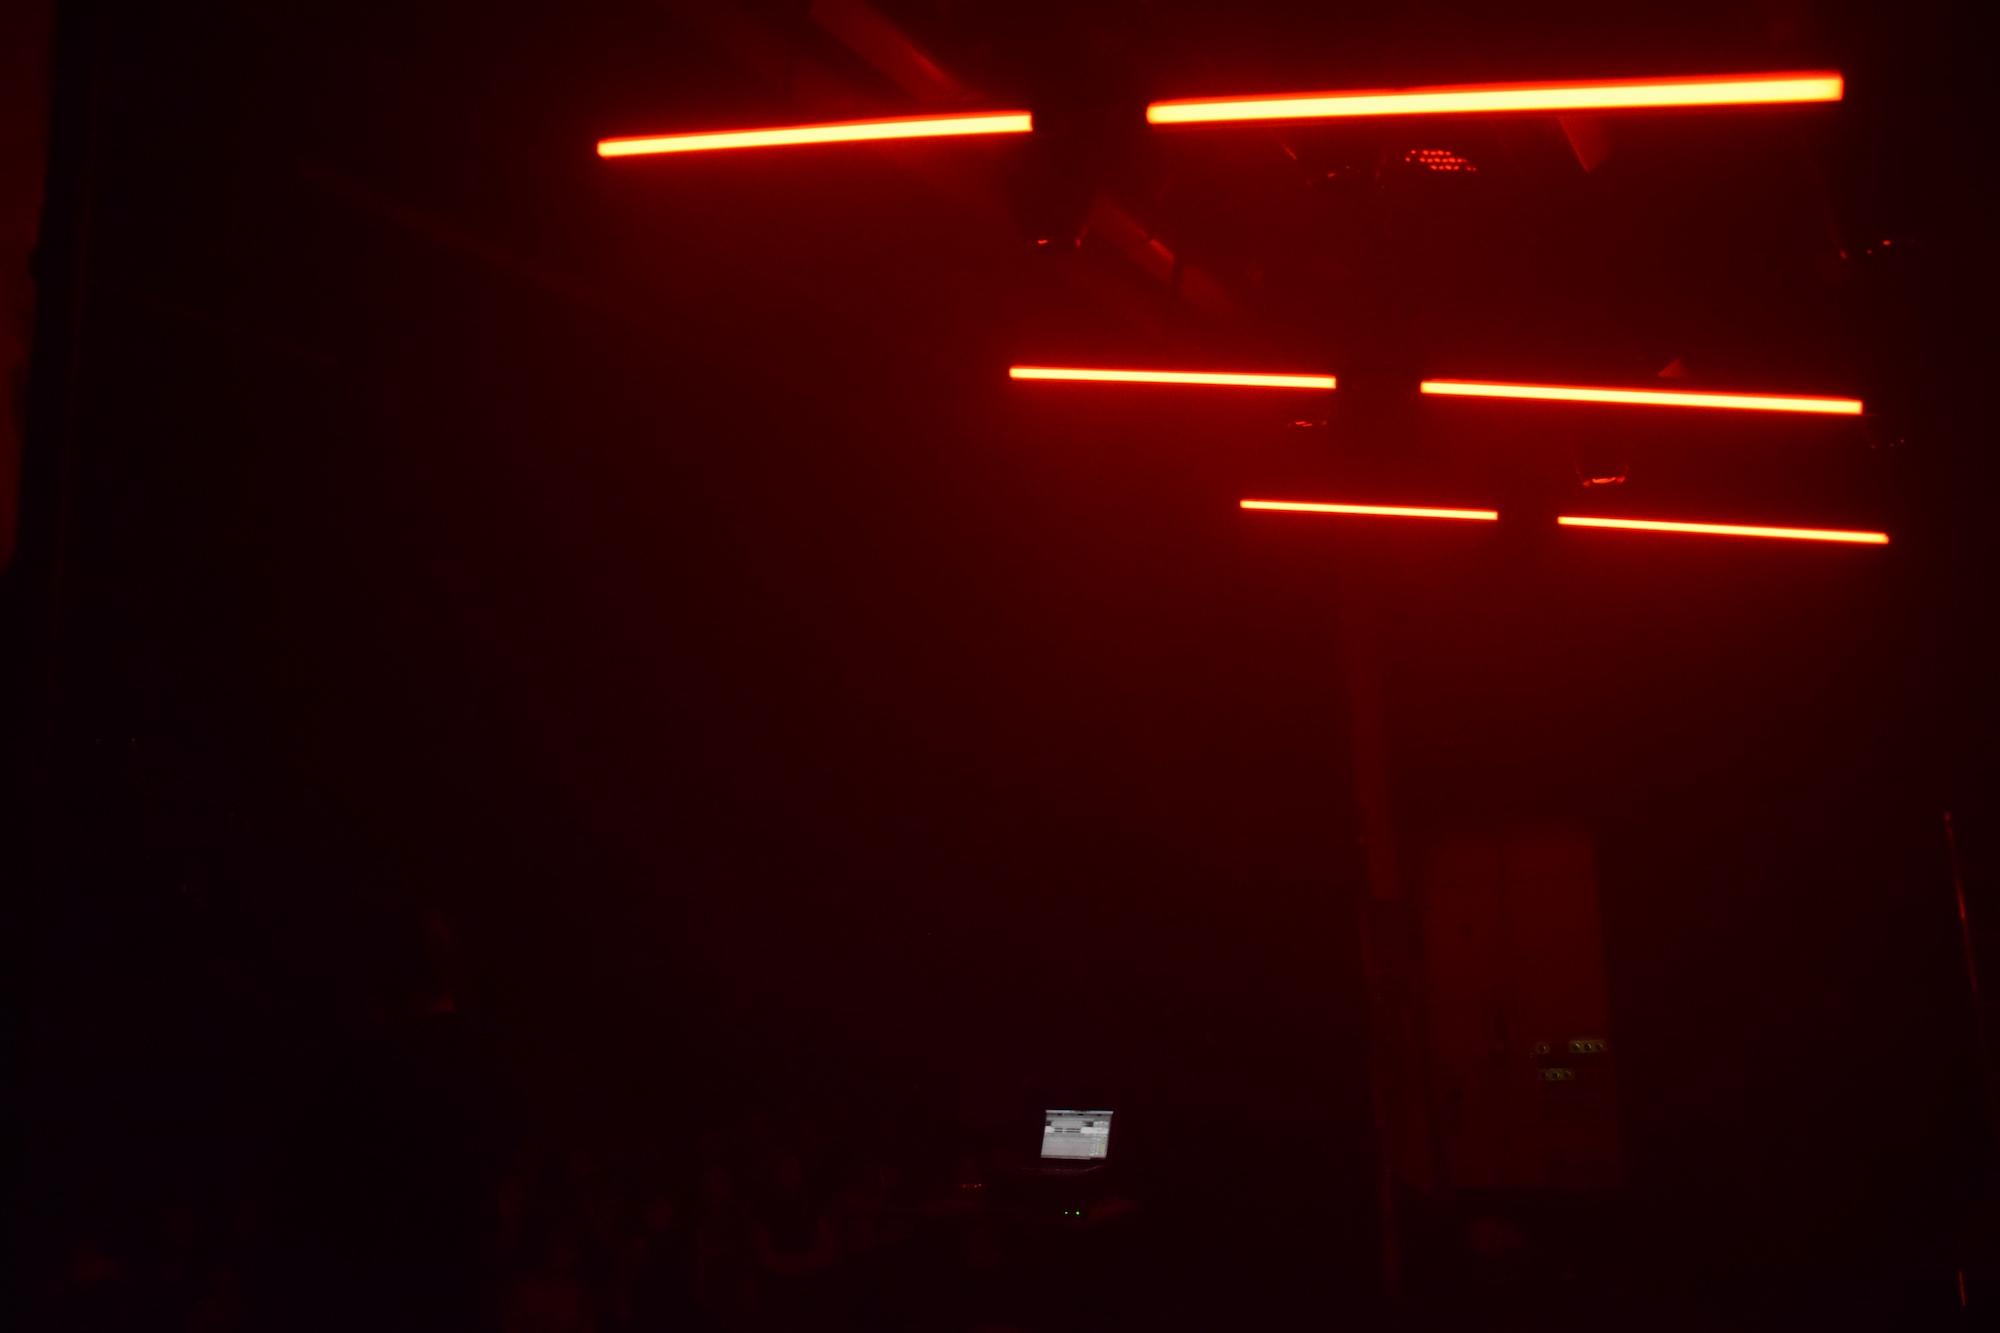 cbr_neons.jpg